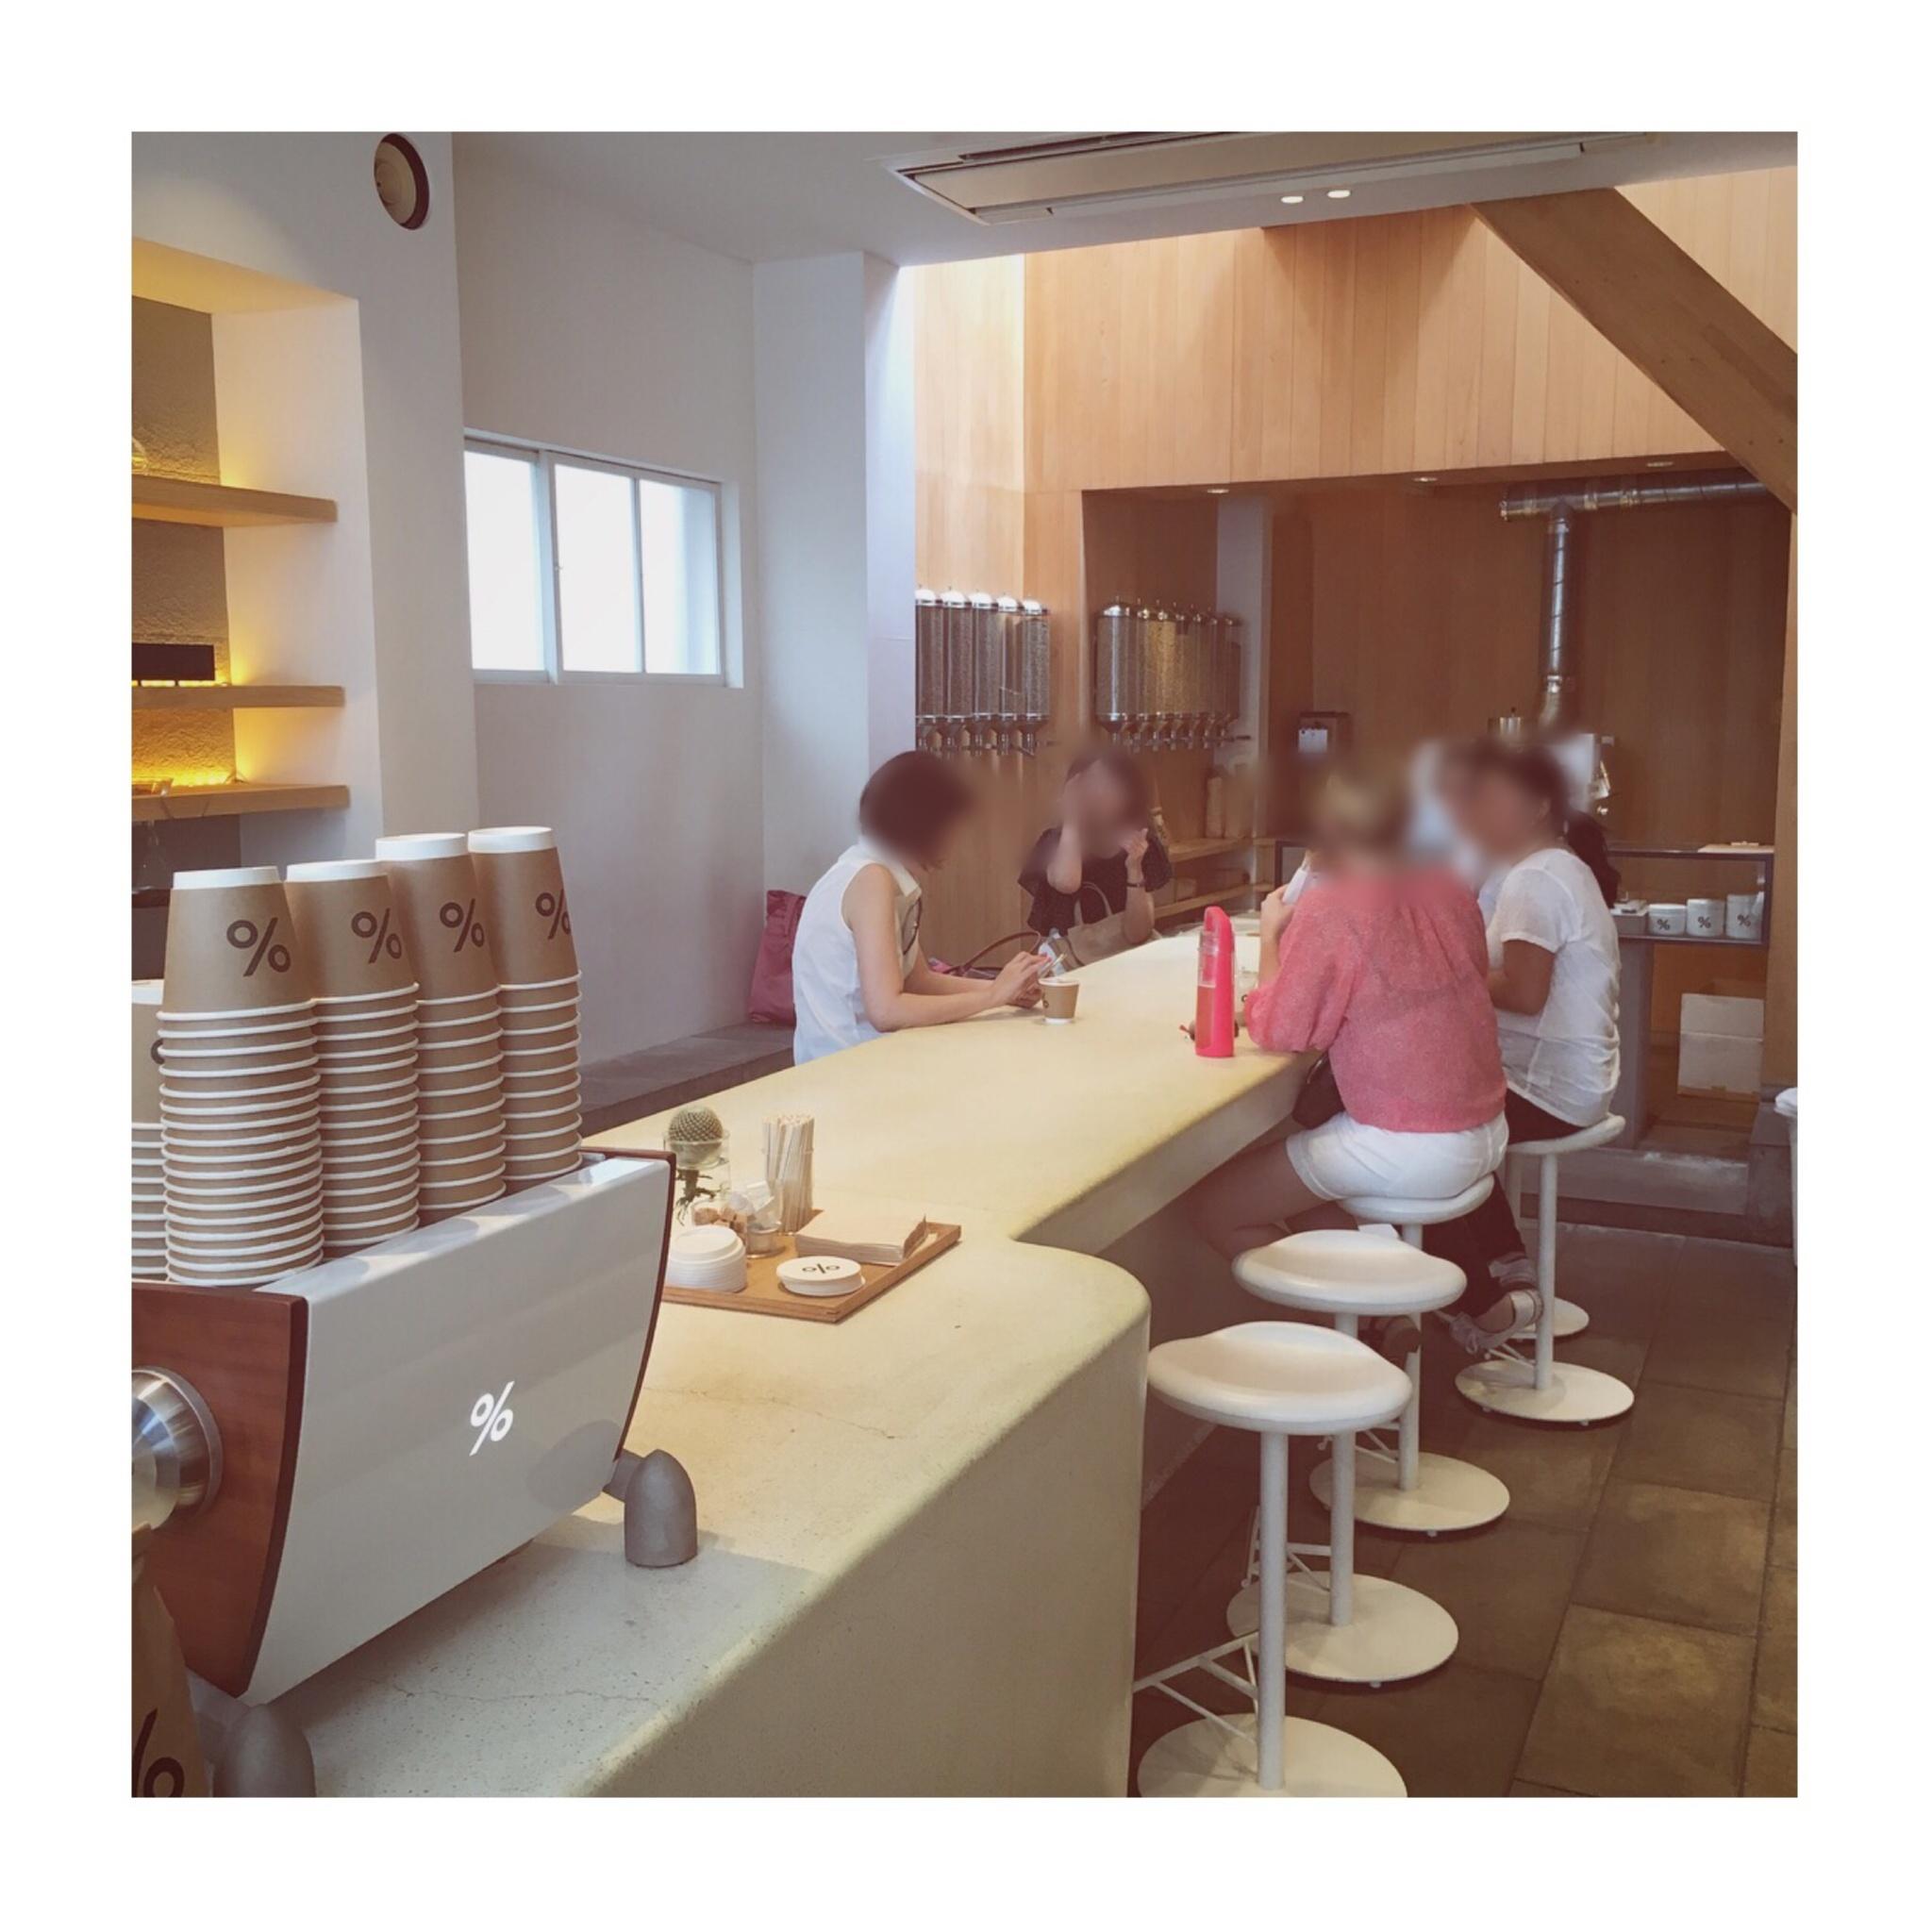 #10【#cafestagram】❤️:《京都》に行ったら寄りたい!おしゃれなカフェ「アラビカ 京都」でこだわりのコーヒーを☻_6